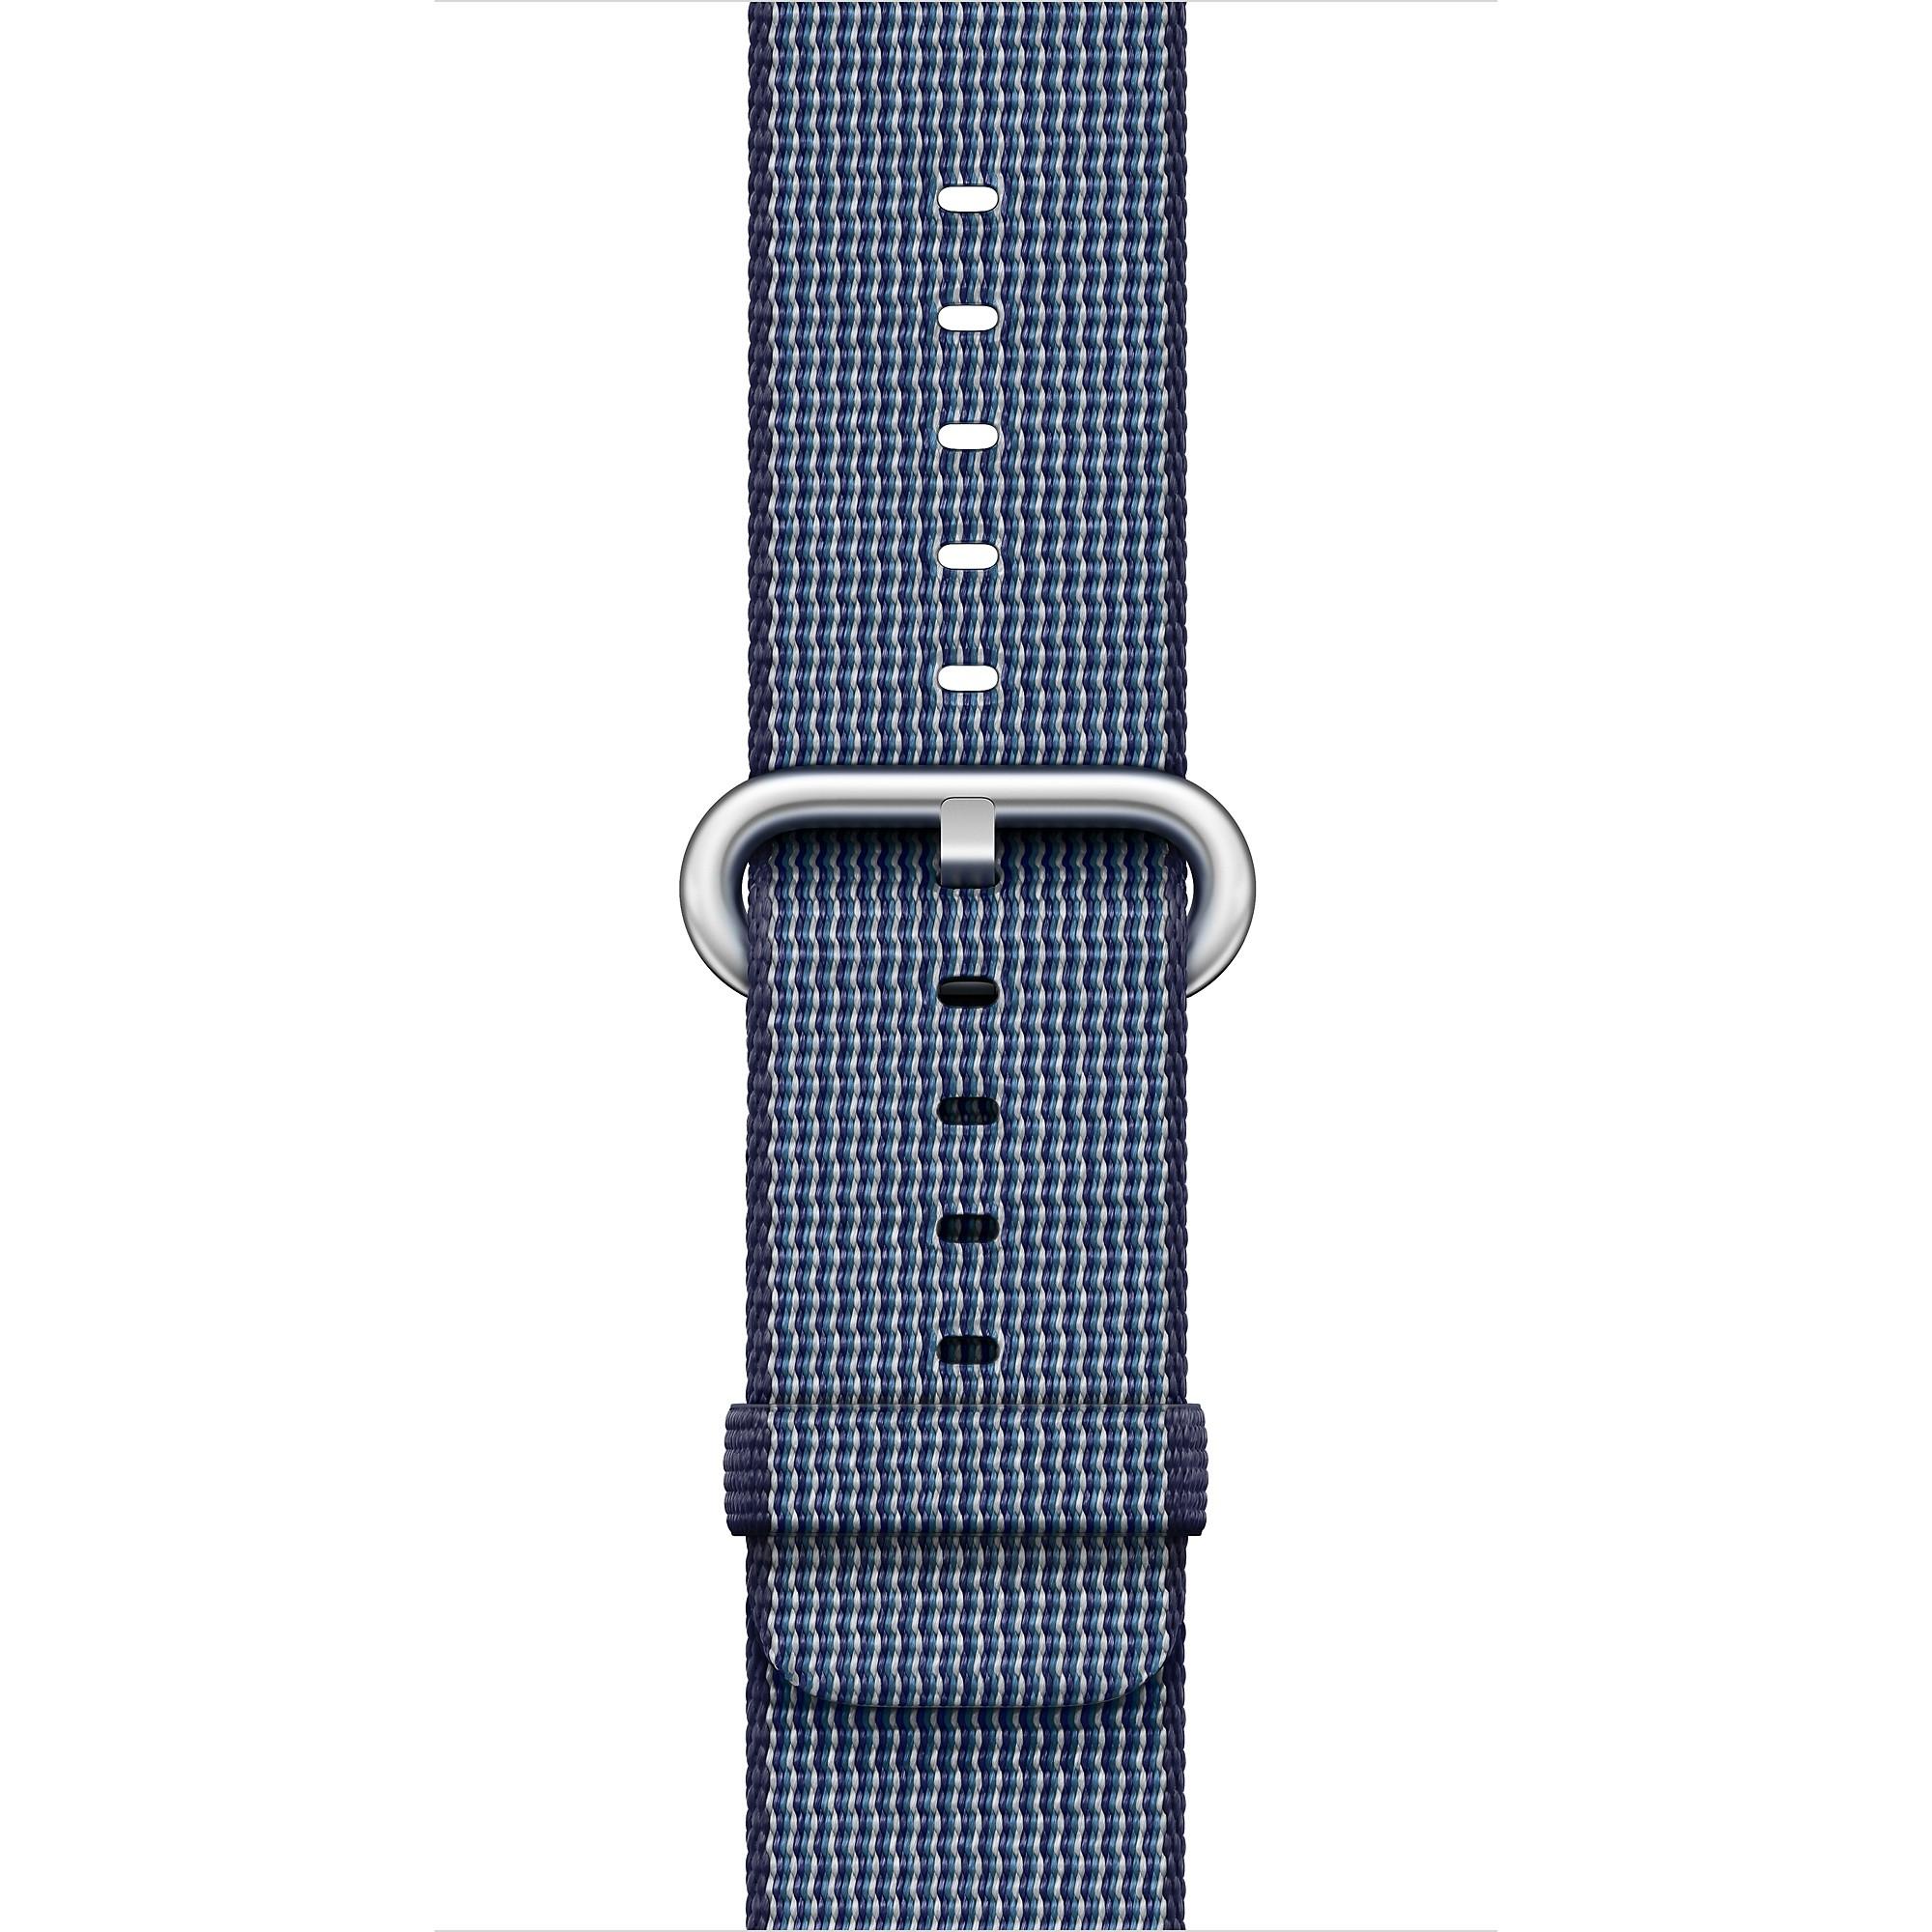 Apple - 42mm půlnočně modrý řemínek z tkaného nylonu